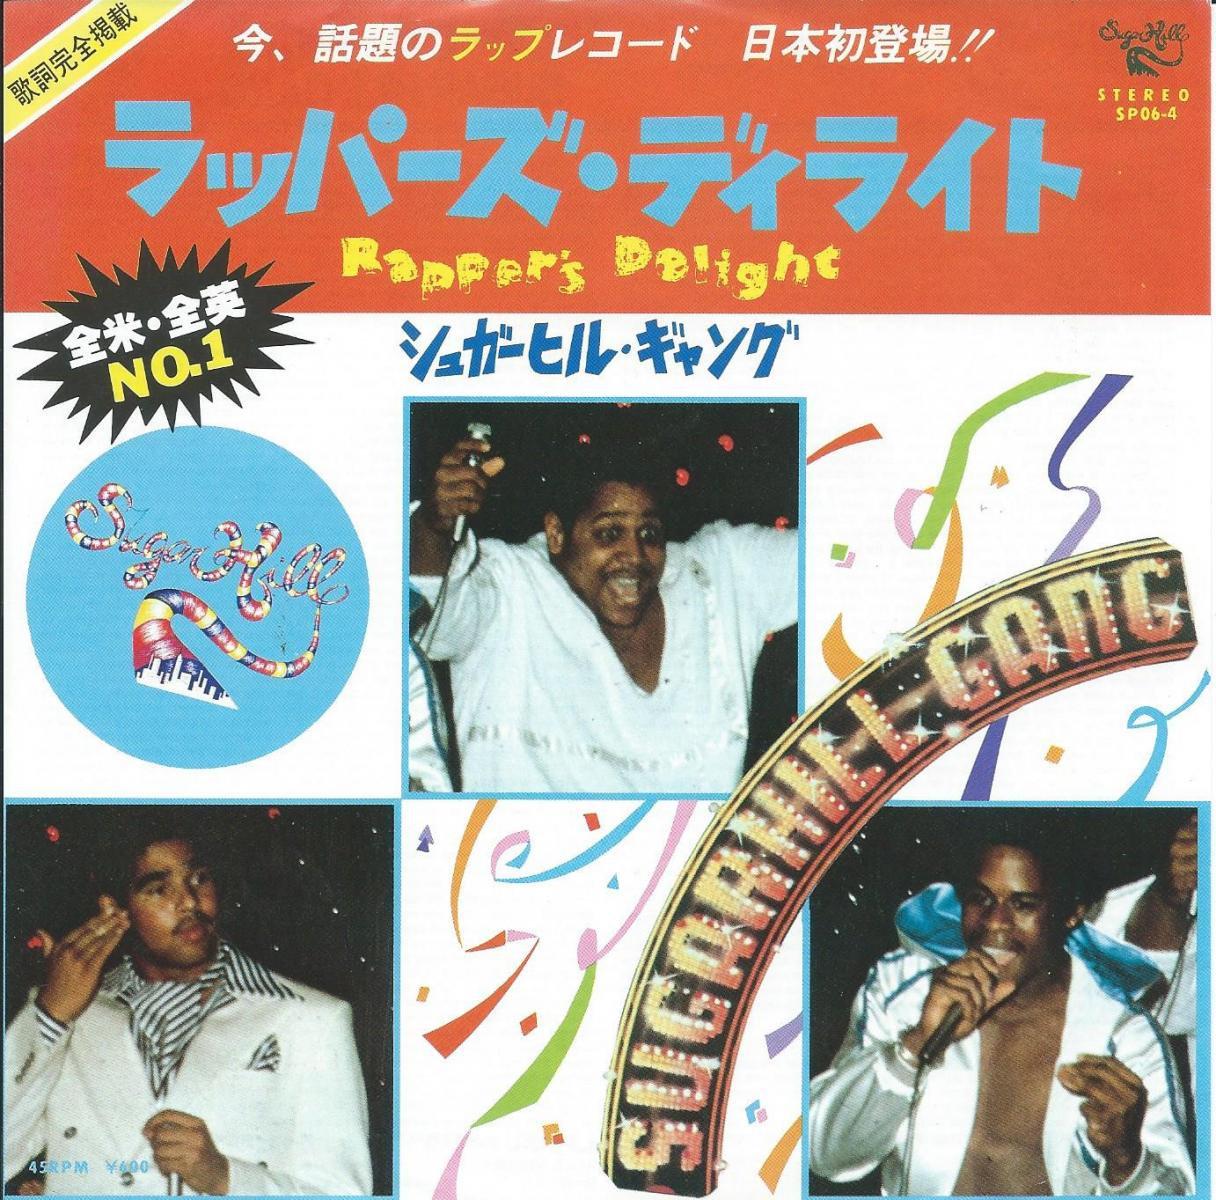 シュガーヒル・ギャング SUGAR HILL GANG / ラッパーズ・ディライト RAPPER'S DELIGHT (7